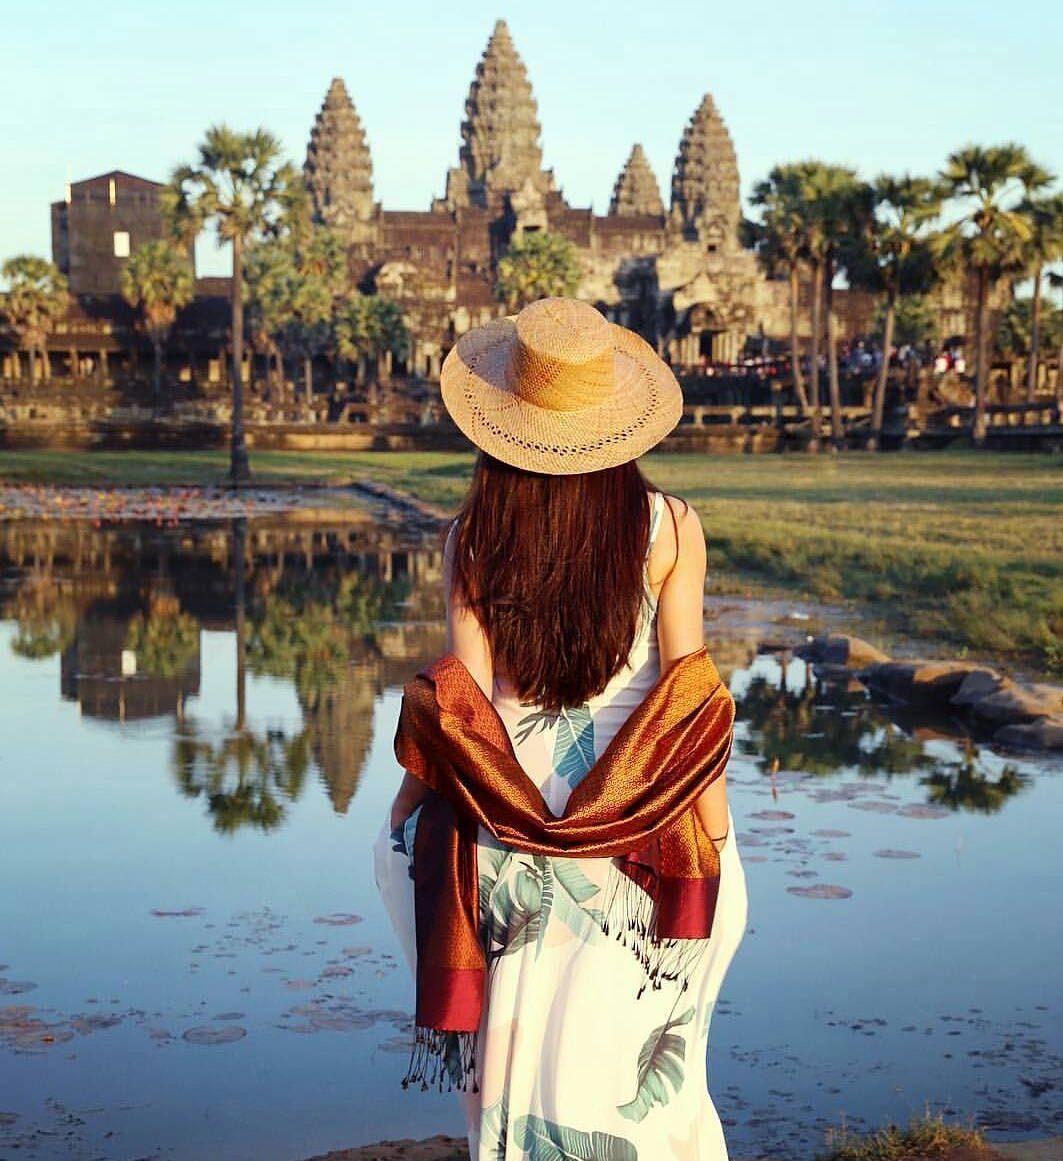 Kinh nghiệm du lịch Campuchia cho chuyến đi thêm hoàn hảo - ChuduInfo